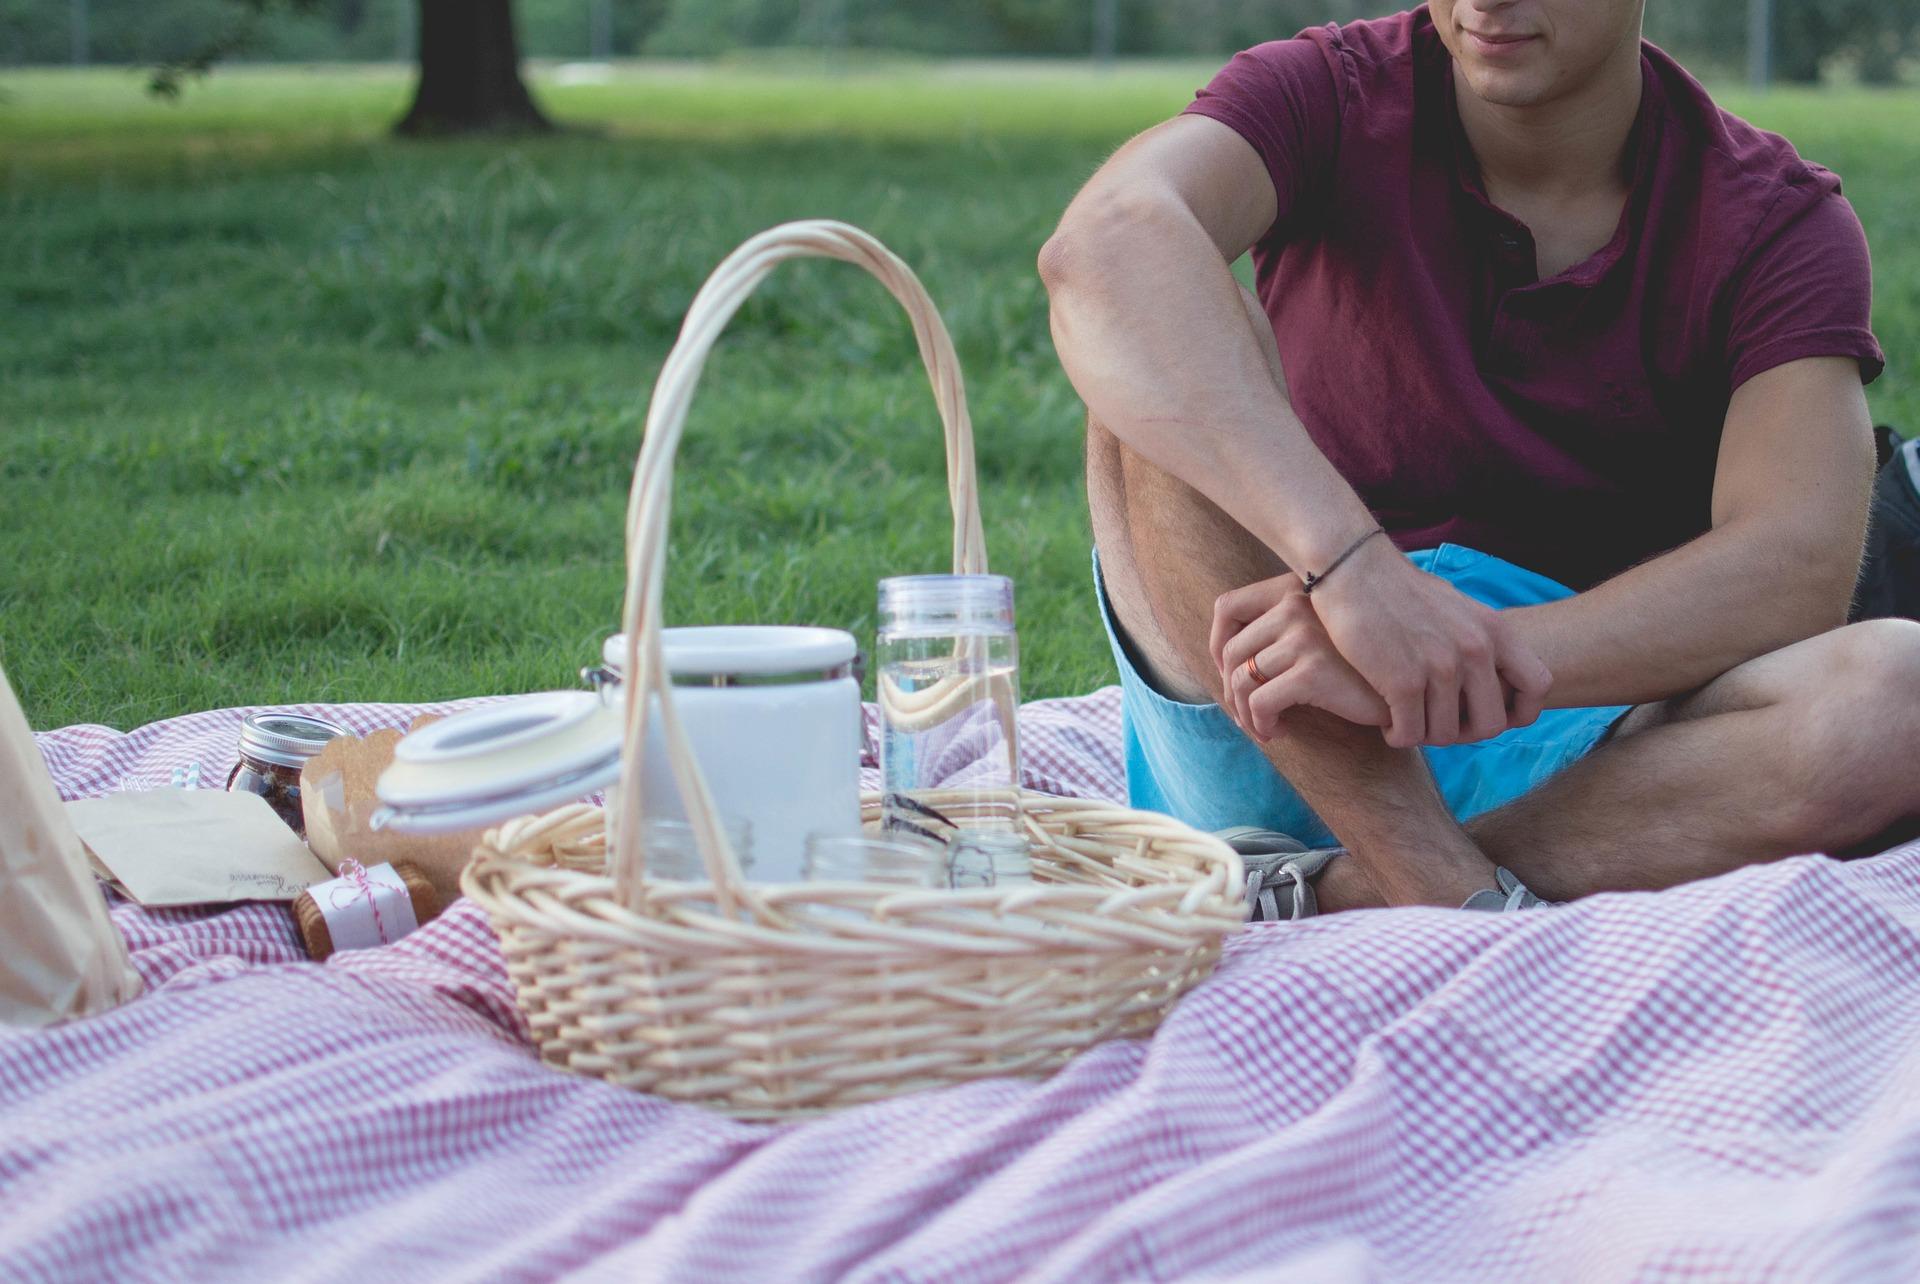 picnic con contenitori riutilizzabili per ridurre i rifiuti in vacanza